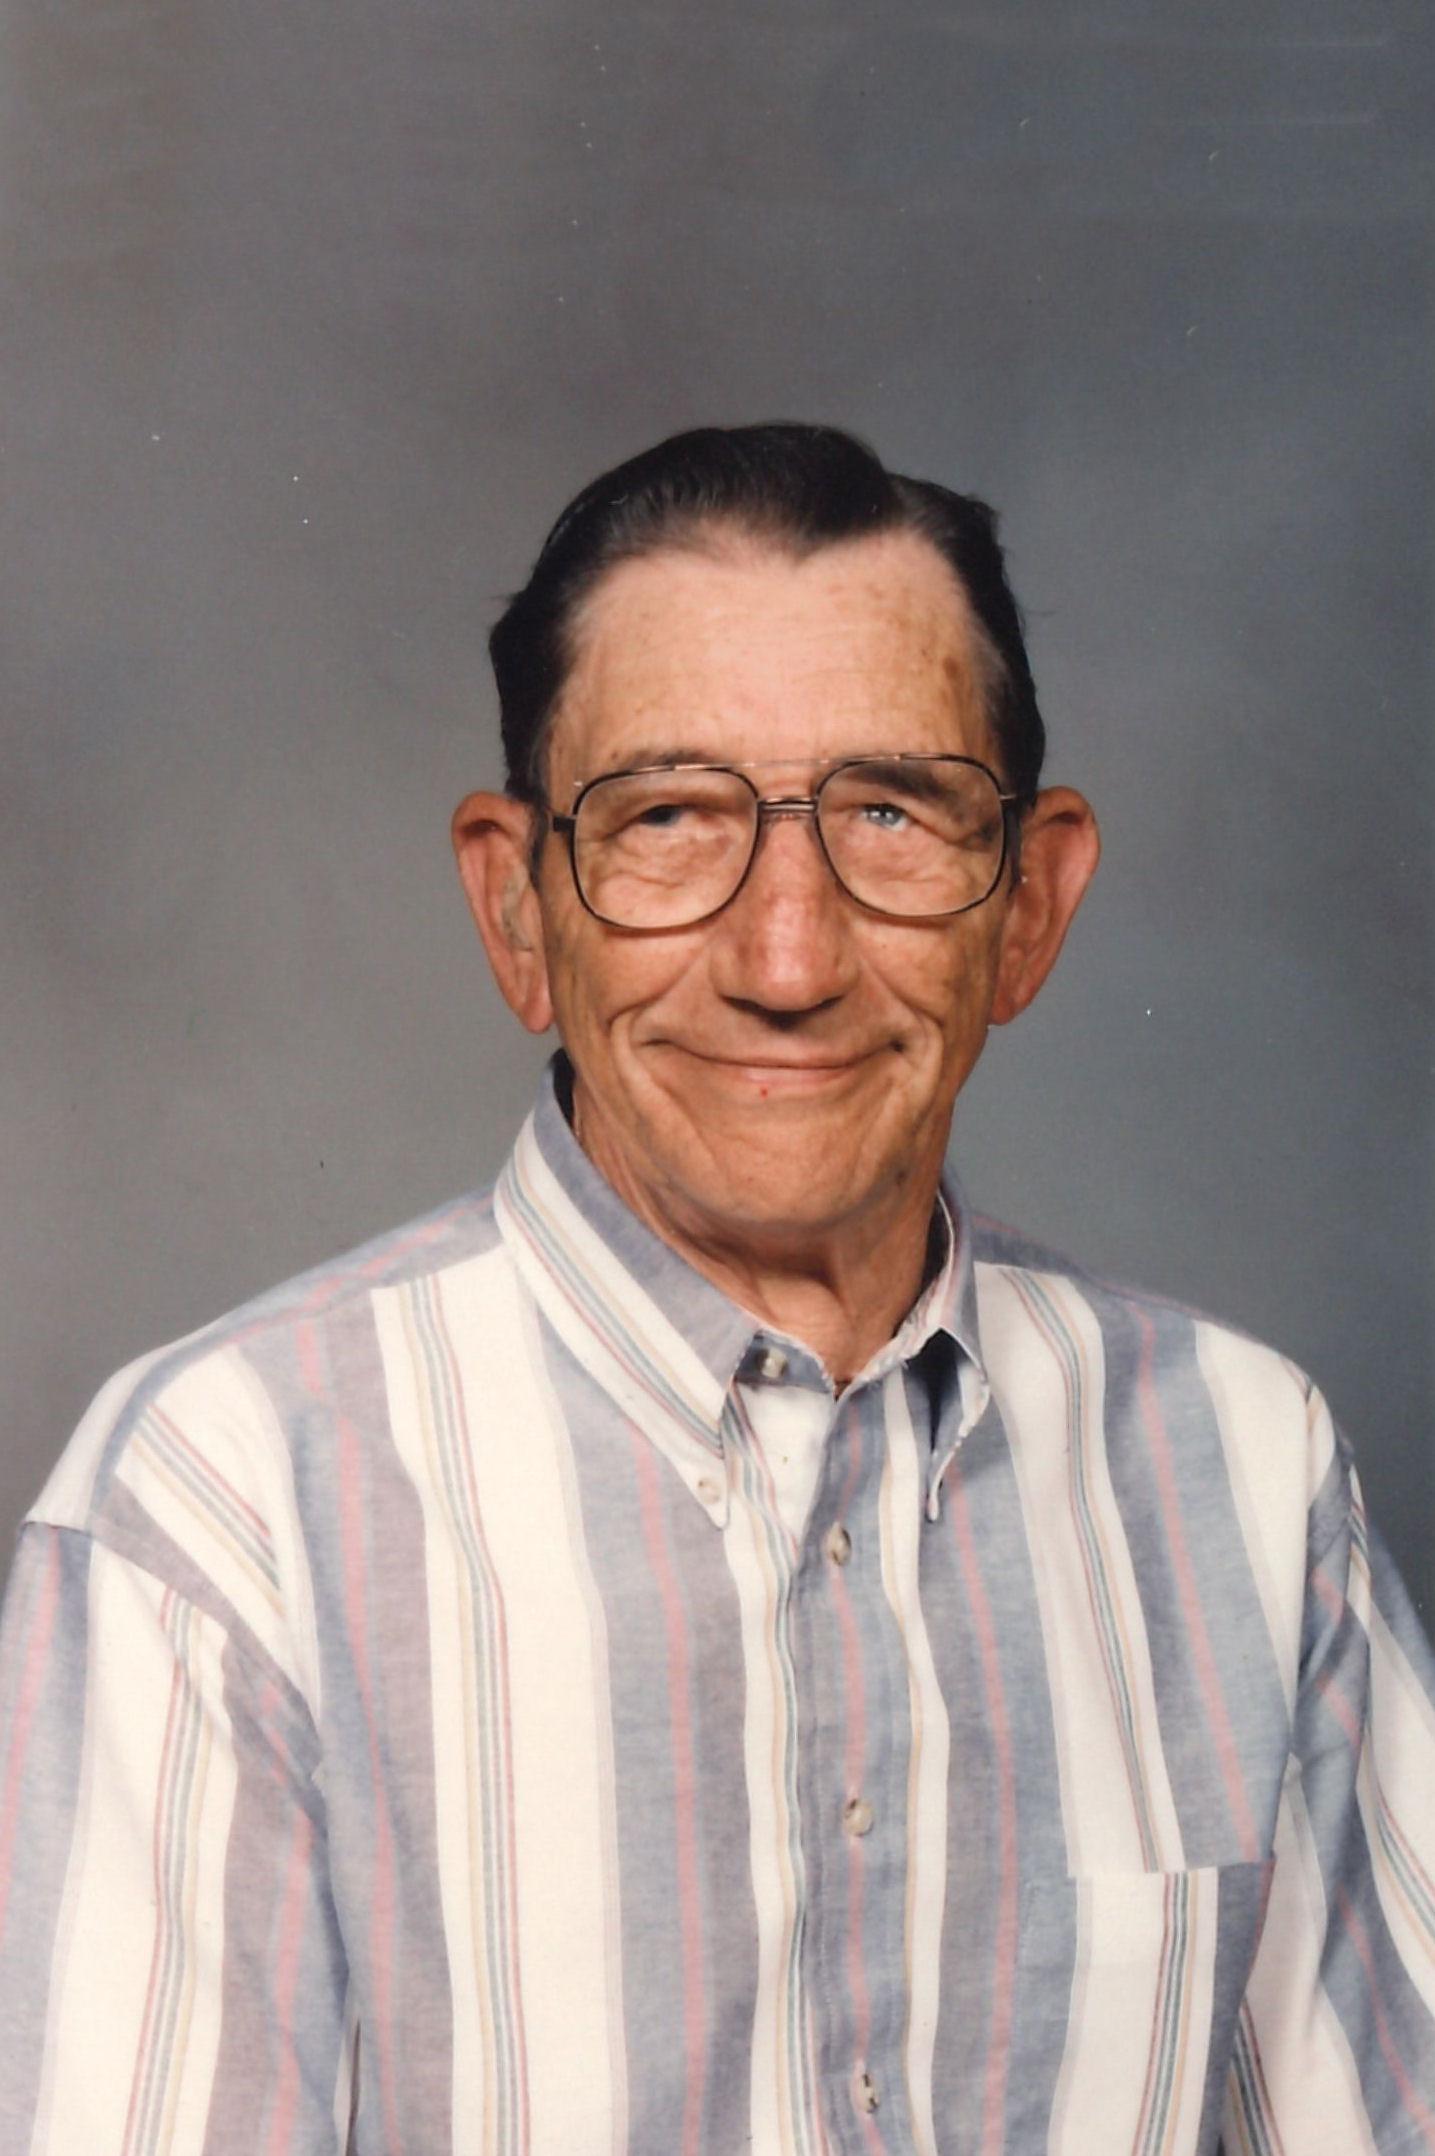 Carroll A. Powley, age 92, of Pender, Nebraska